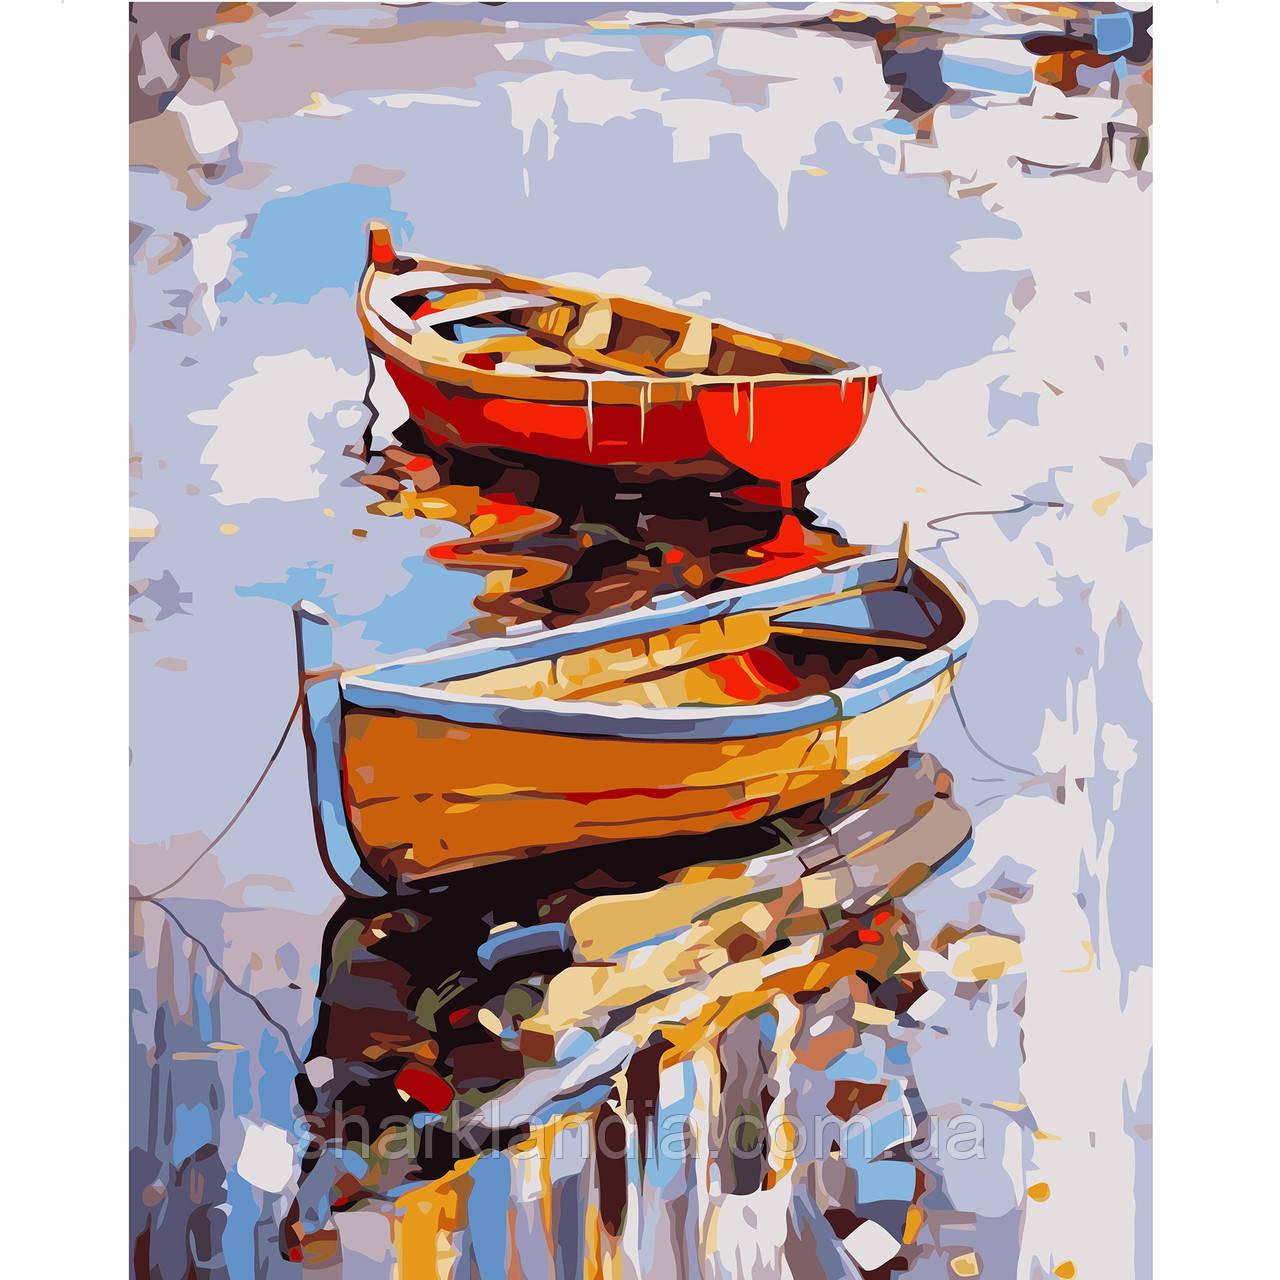 Картина по Номерам Одинокие лодки 40х50см Strateg Раскраска по цифрам